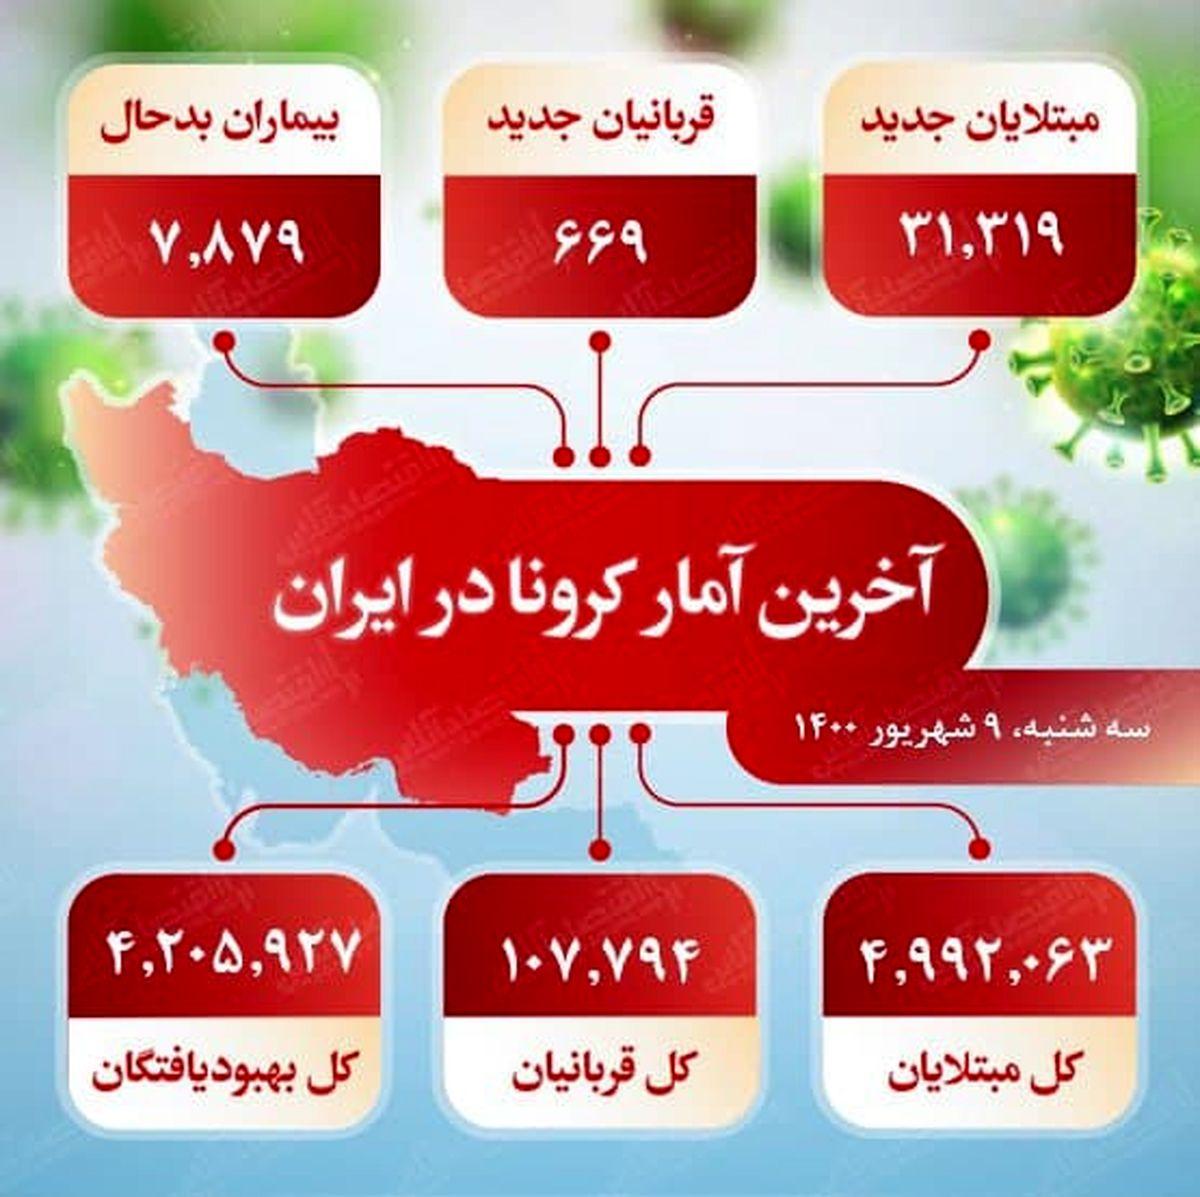 آخرین آمار کرونا در ایران (۱۴۰۰/۶/۹)